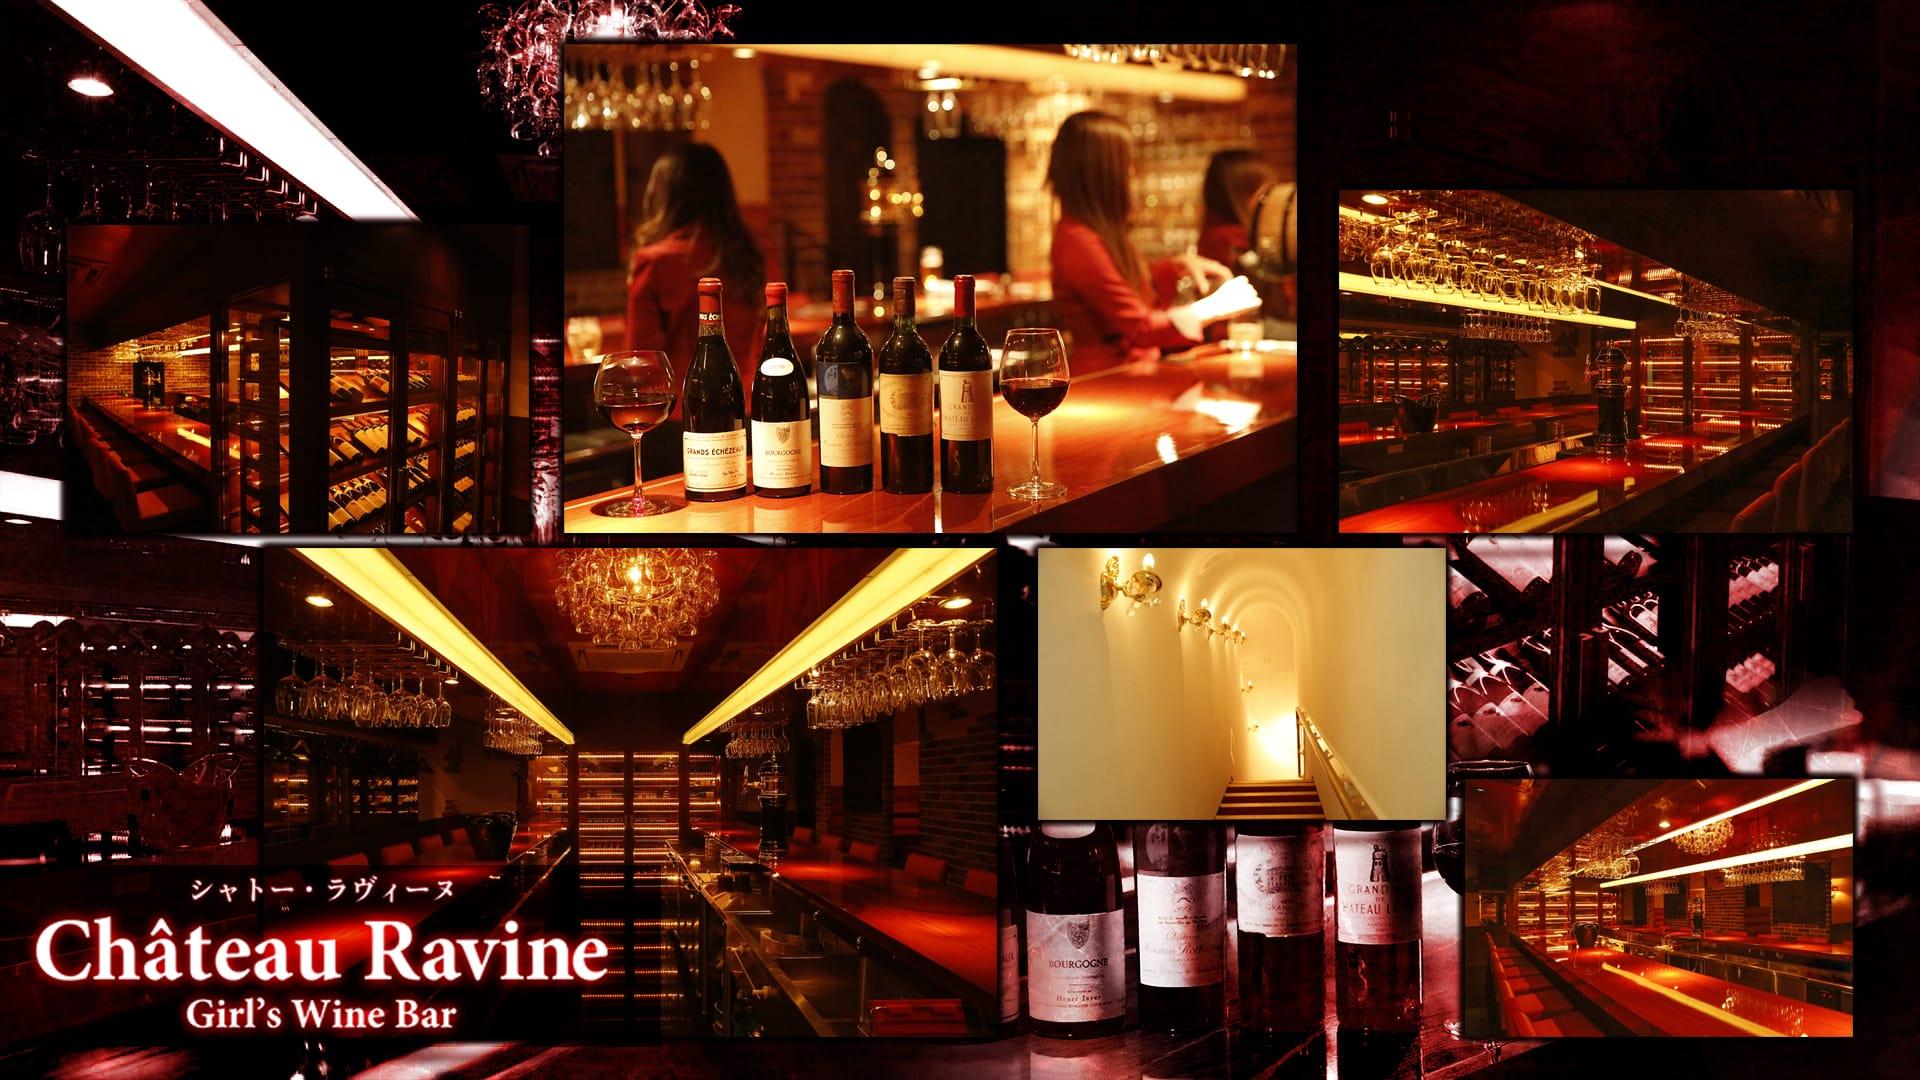 Château Ravine(シャトー・ラヴィーヌ) 渋谷ガールズバー TOP画像